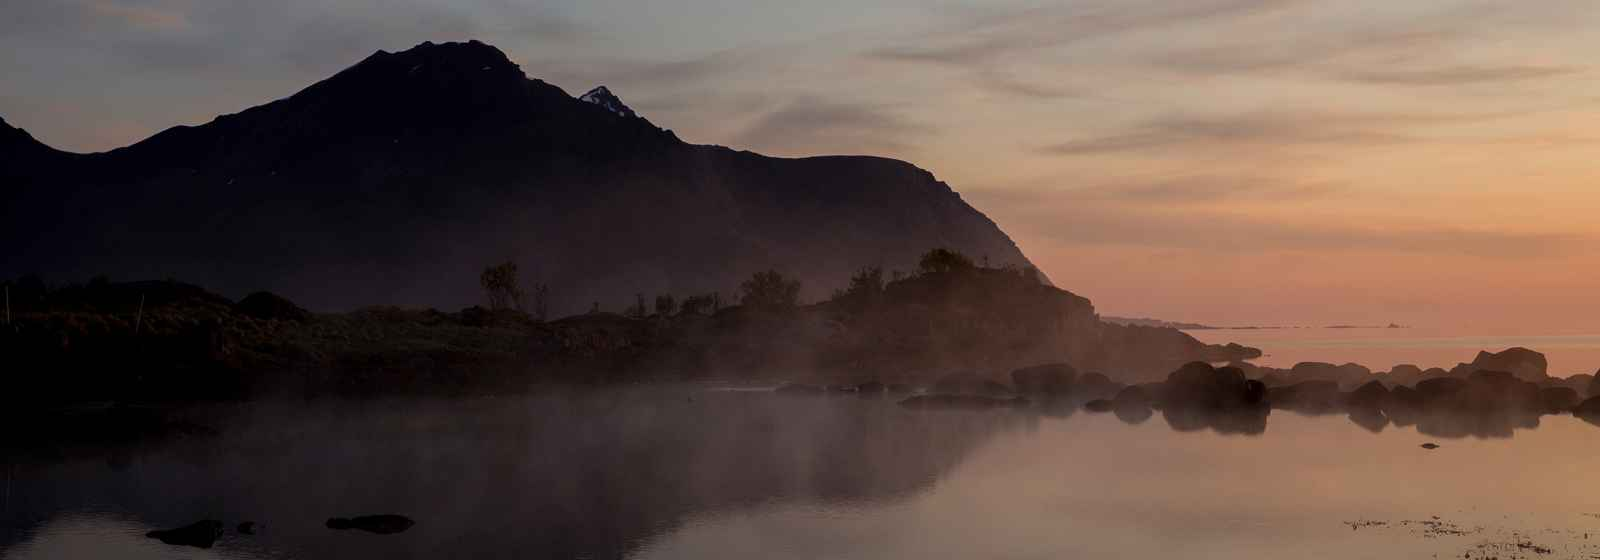 Landschaft am Limstrandpollen in Licht der Mitternachtssonne, Lofoten, Norwegen.